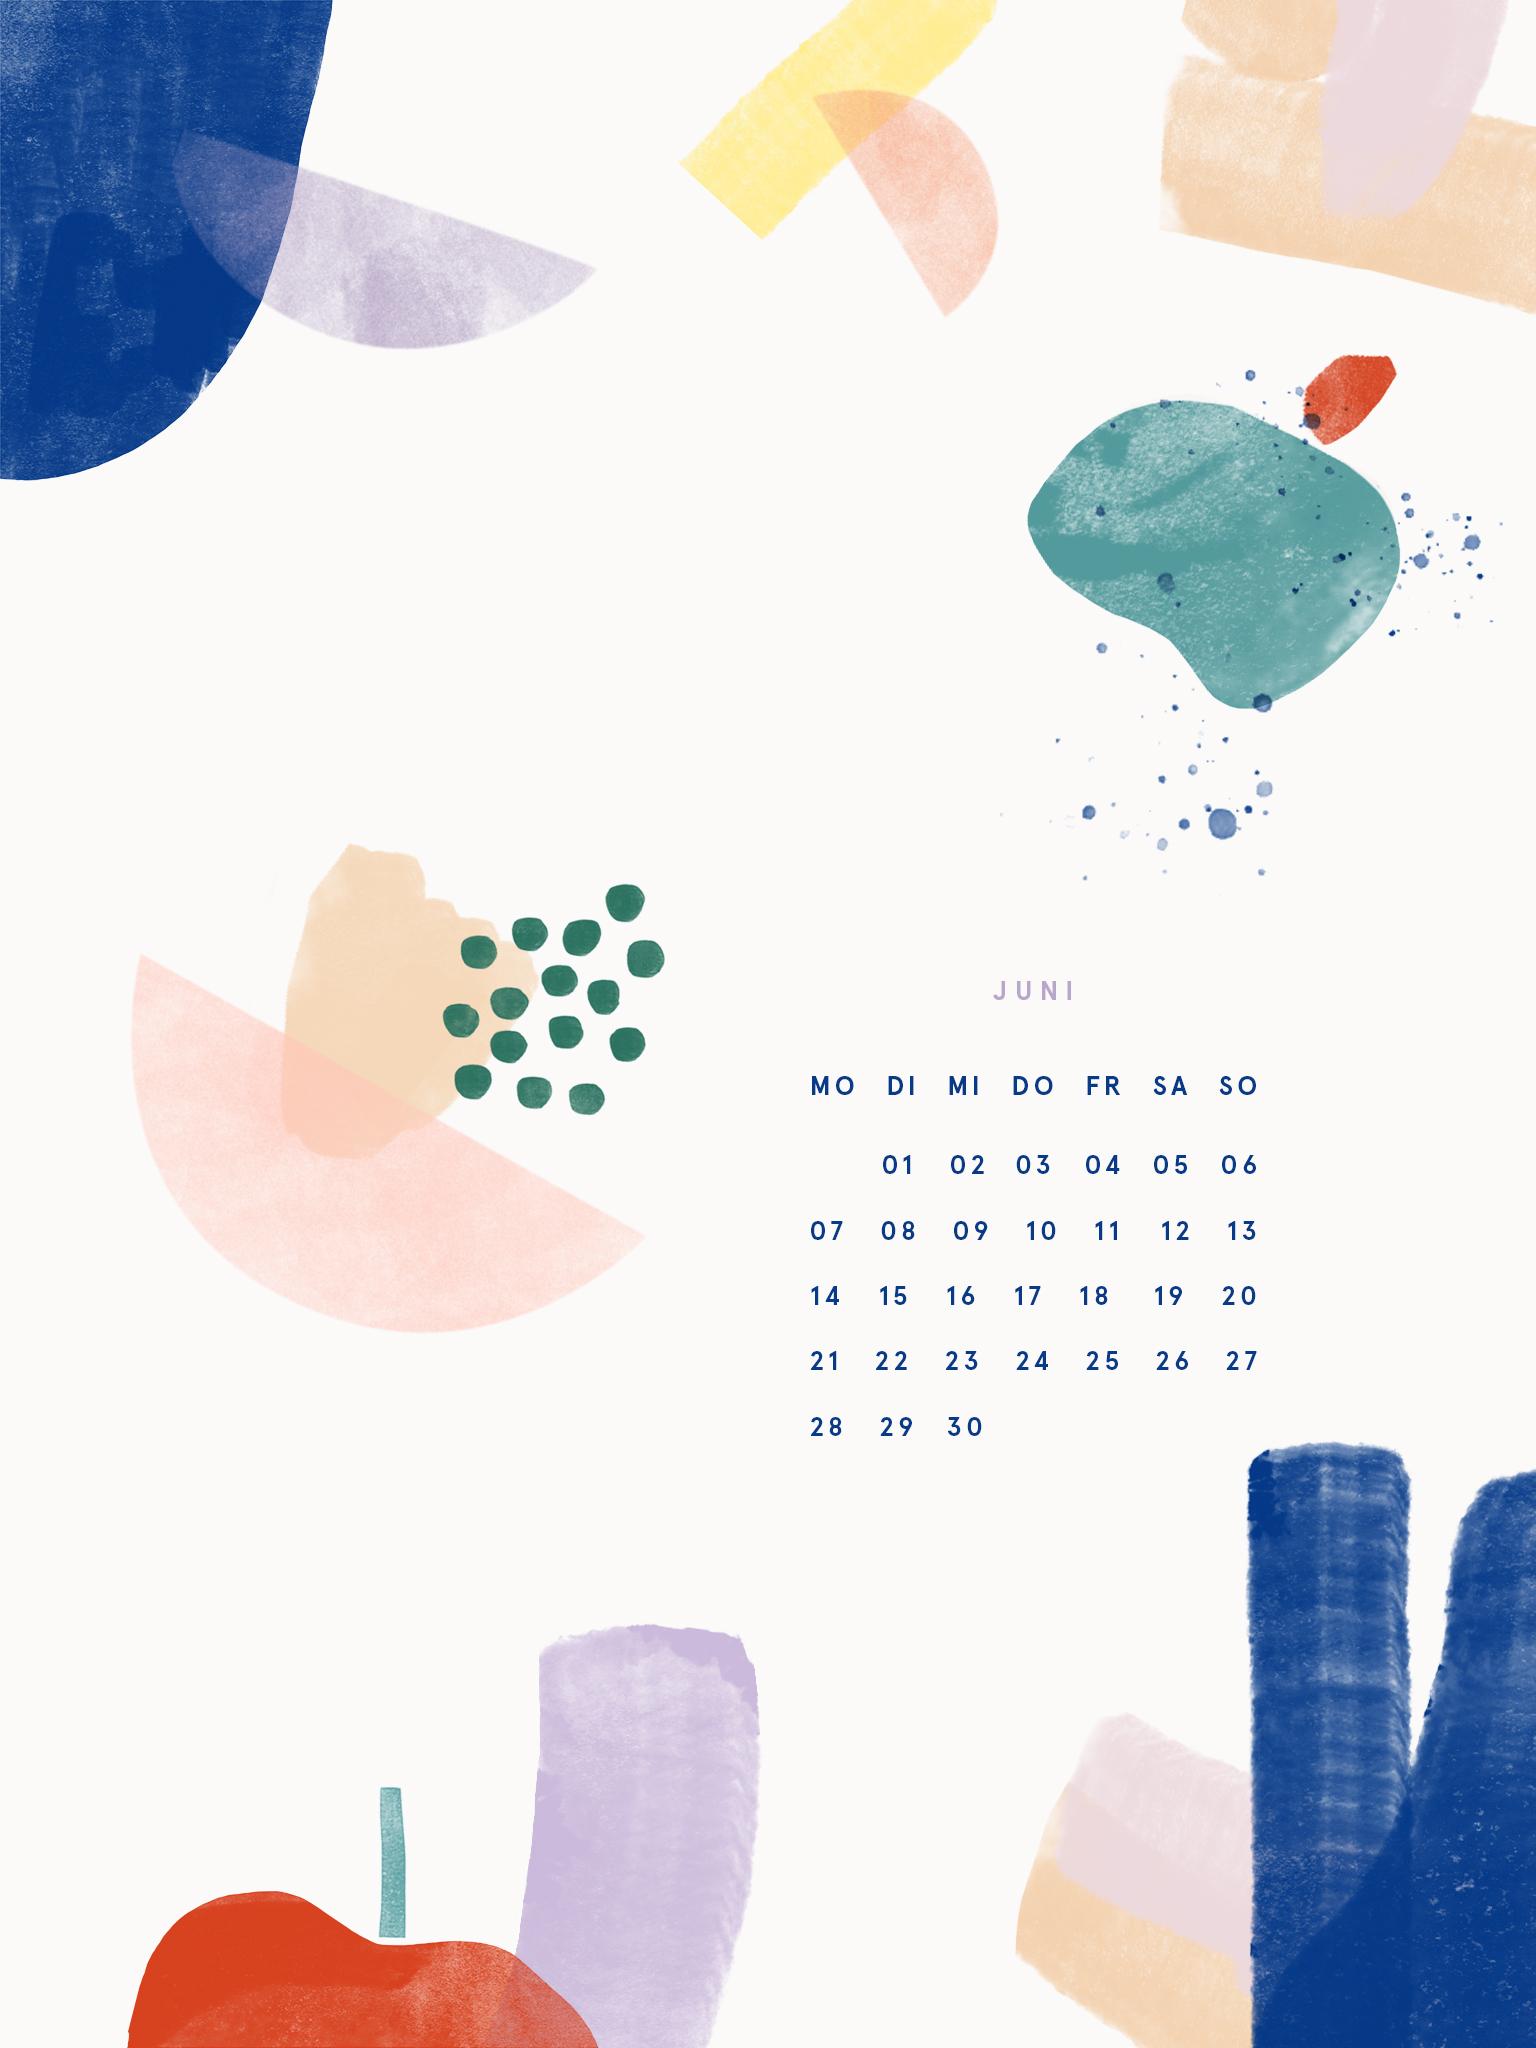 Free Desktop Wallpaper Juni 21